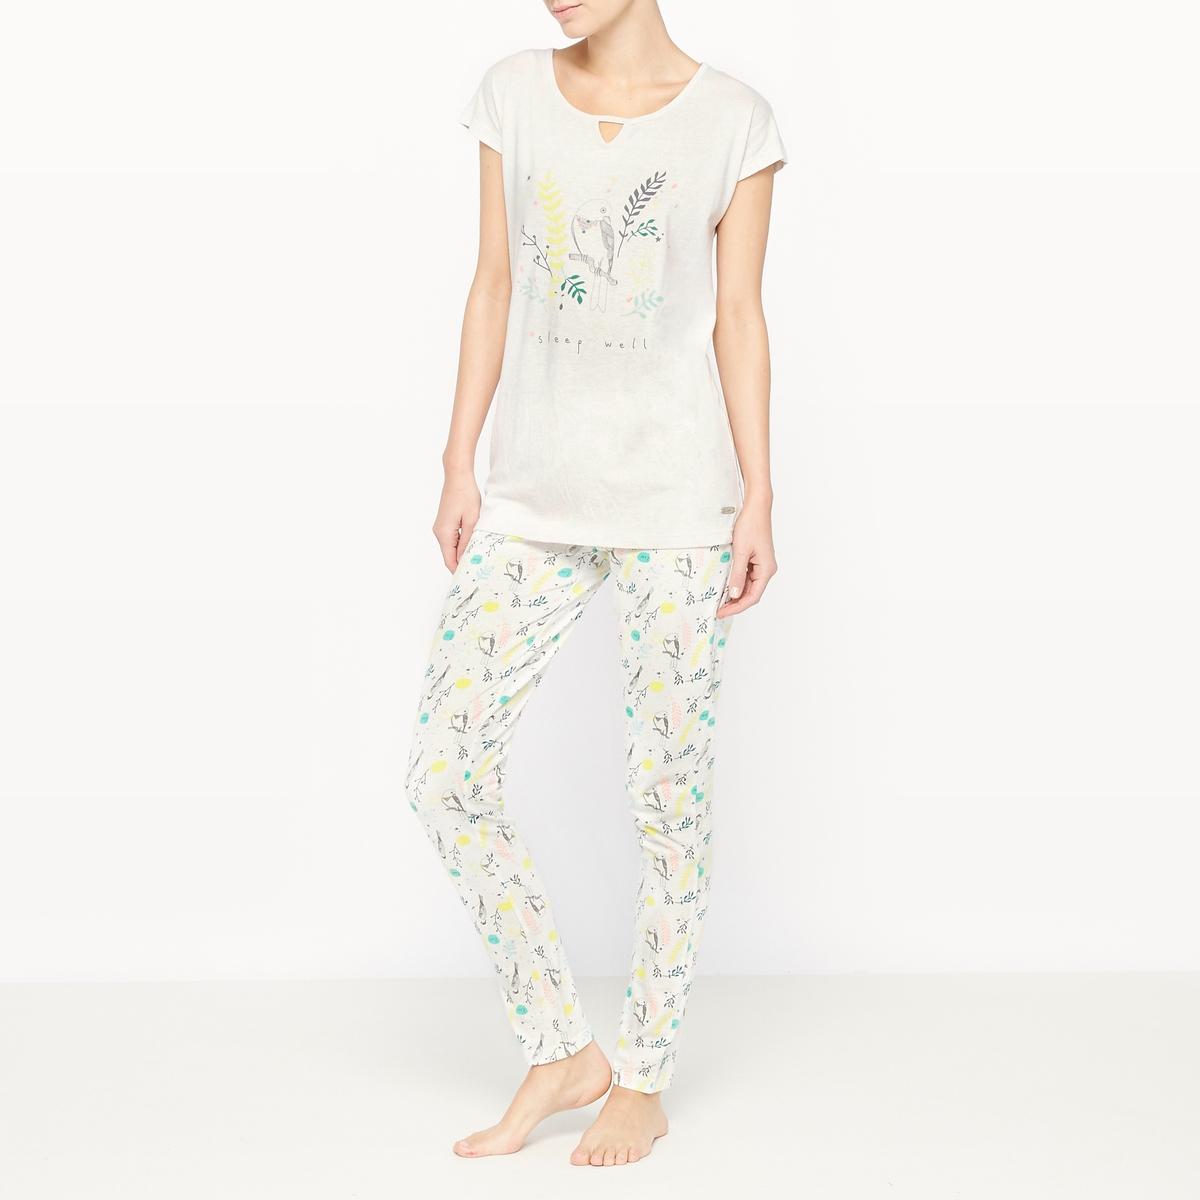 Пижама с короткими рукавами из хлопка SpringПижама Spring от Dodo. Двухцветная пижама из мягкой ткани, яркая расцветка.  Однотонная футболка с короткими рукавами, оригинальный закругленный вырез, рисунок спереди. Брюки с рисунком и эластичным поясом. Состав и описание :Материал футболки : 50% хлопка, 50% полиэстераМатериал брюк : 100% хлопокМарка : Dodo Уход :Машинная стирка при 30 °C с вещами схожих цветов<br><br>Цвет: рисунок/бежевый фон